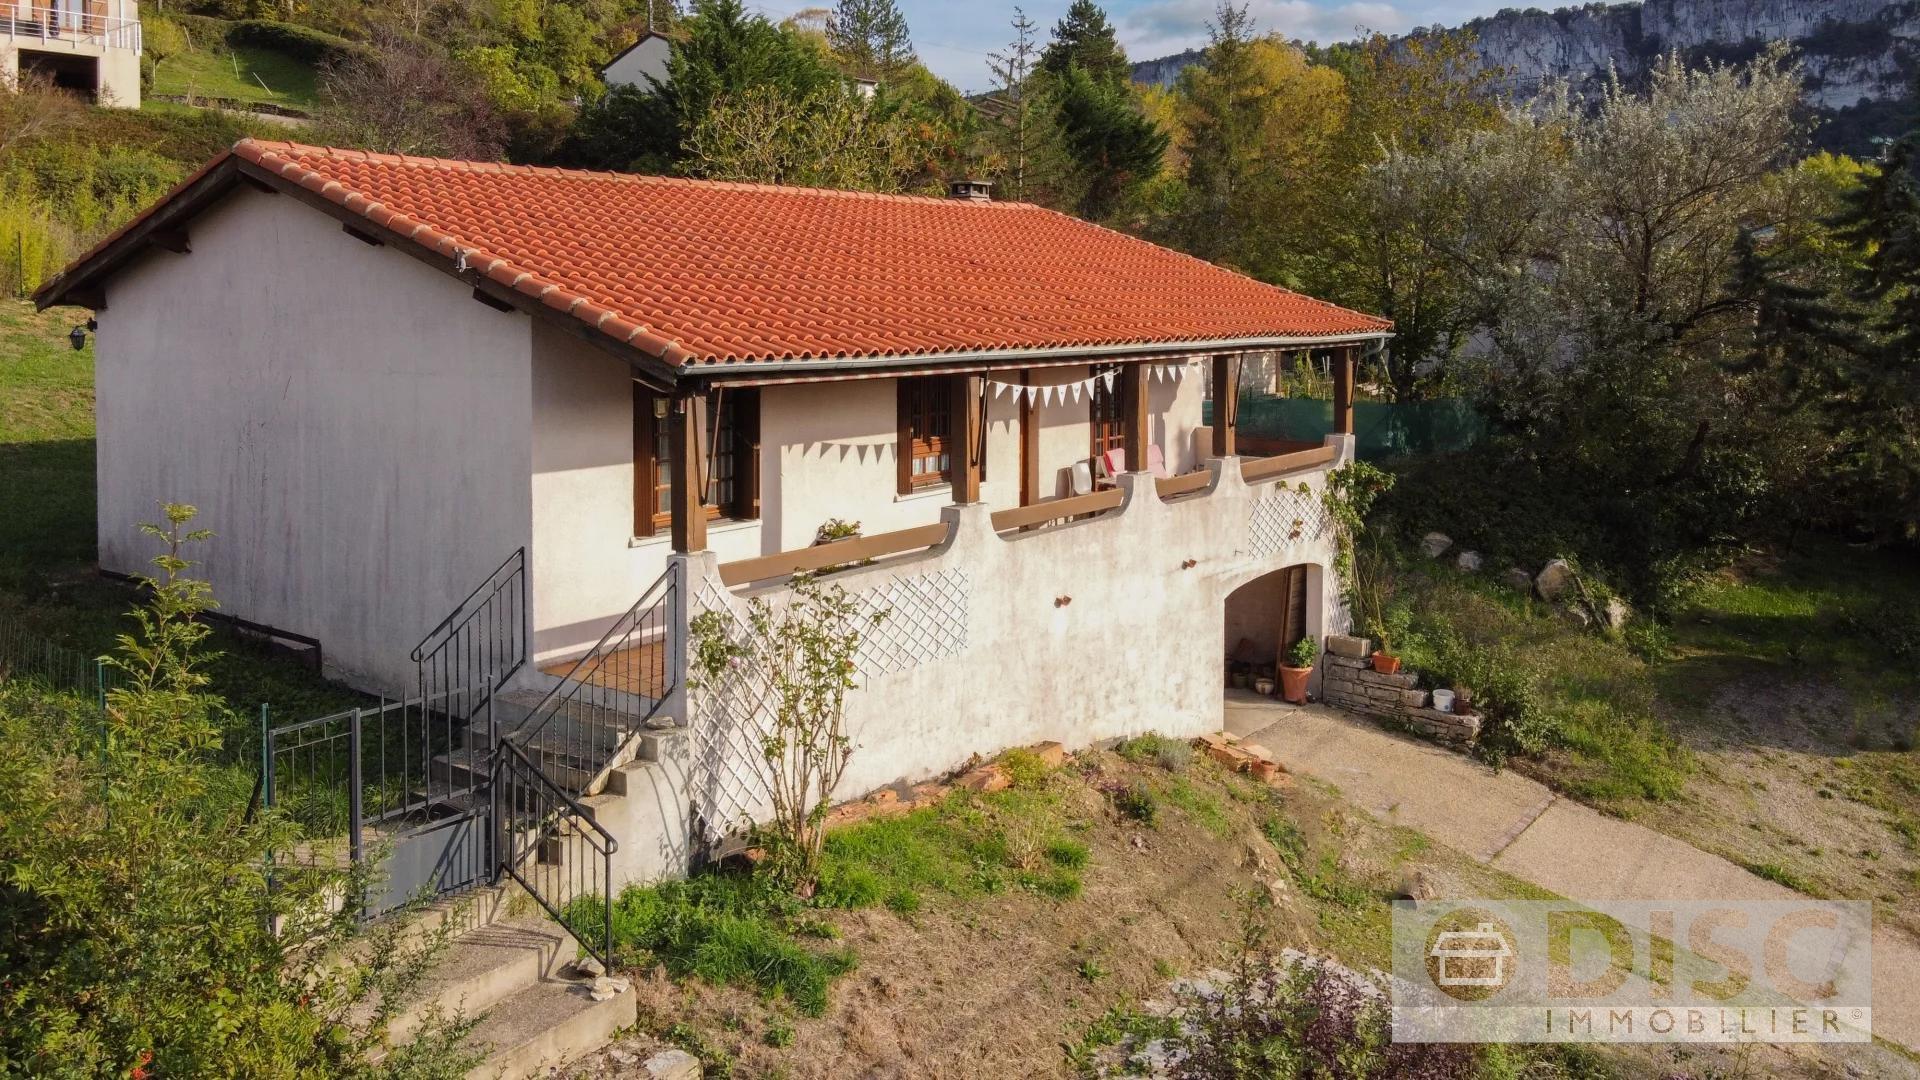 Belle maison avec vues magnifiques à quelques pas du village.